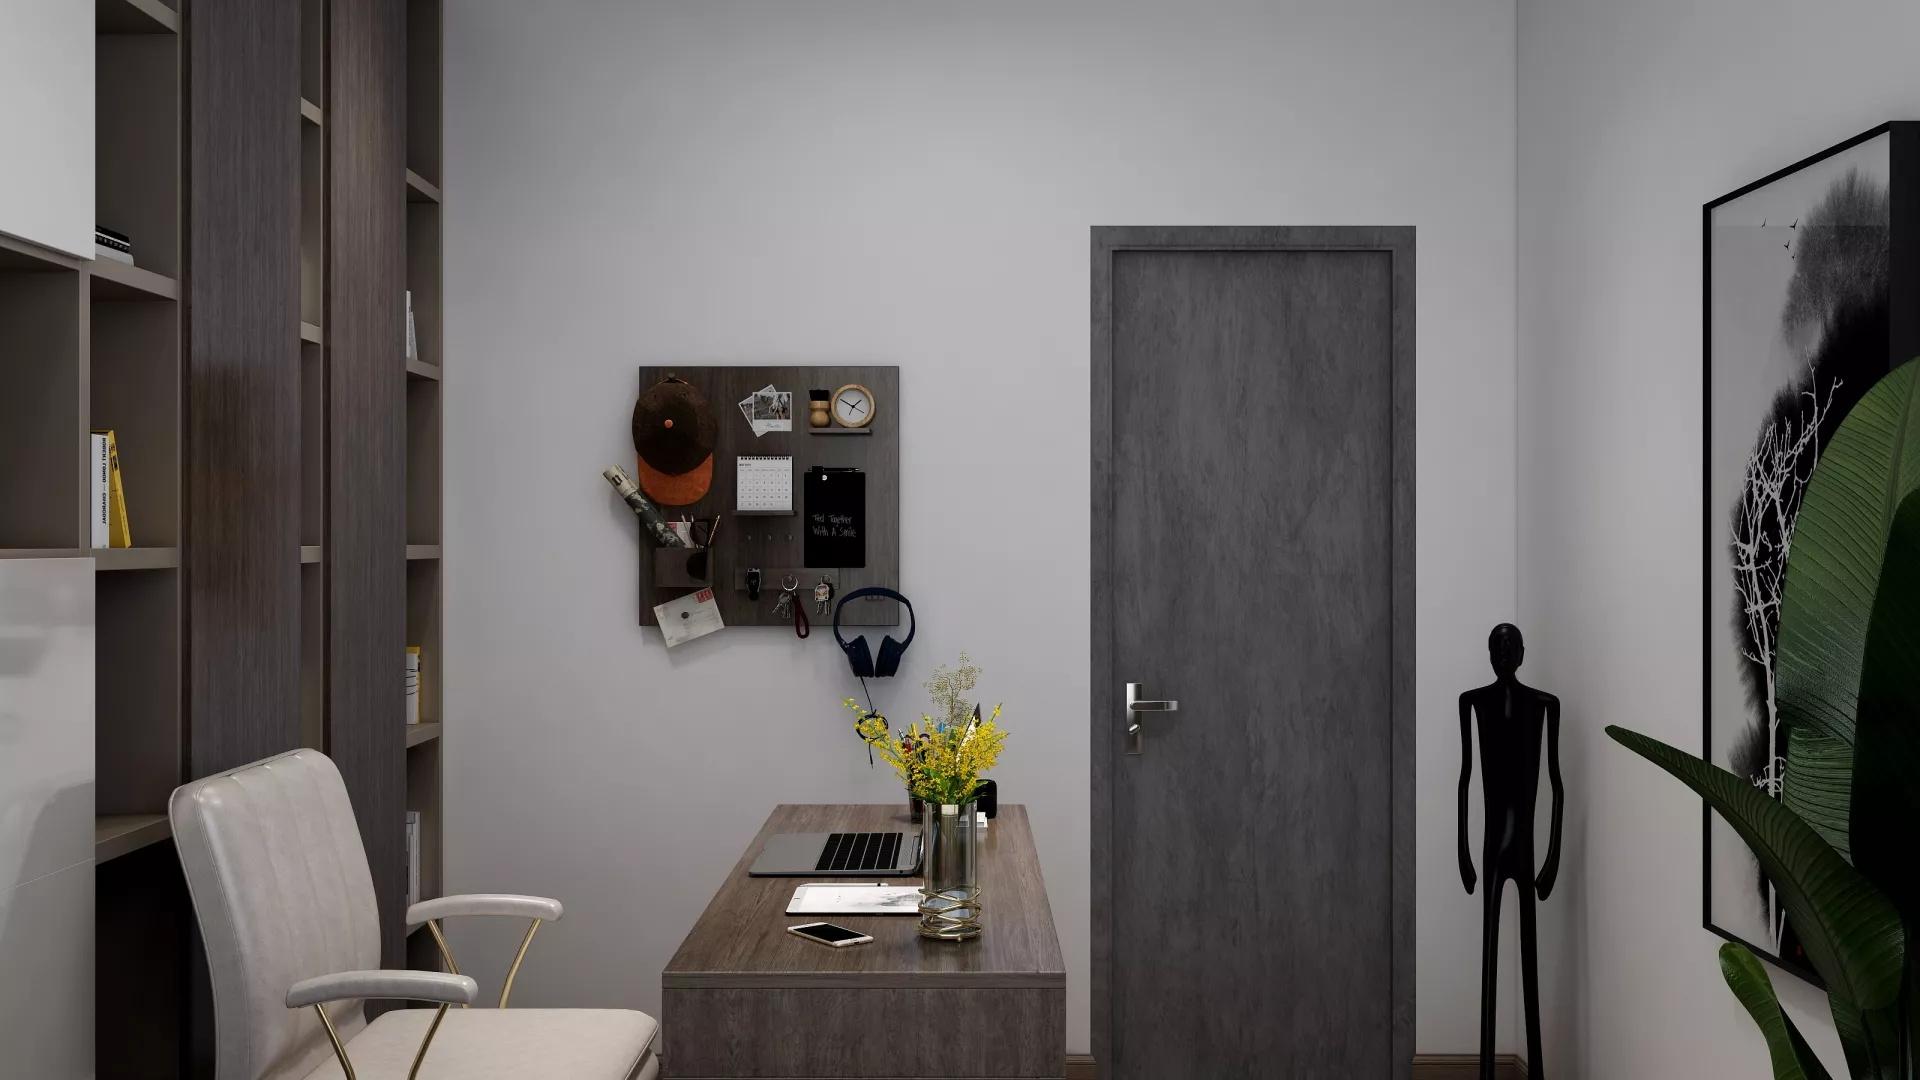 简约大气风格客厅装修效果图